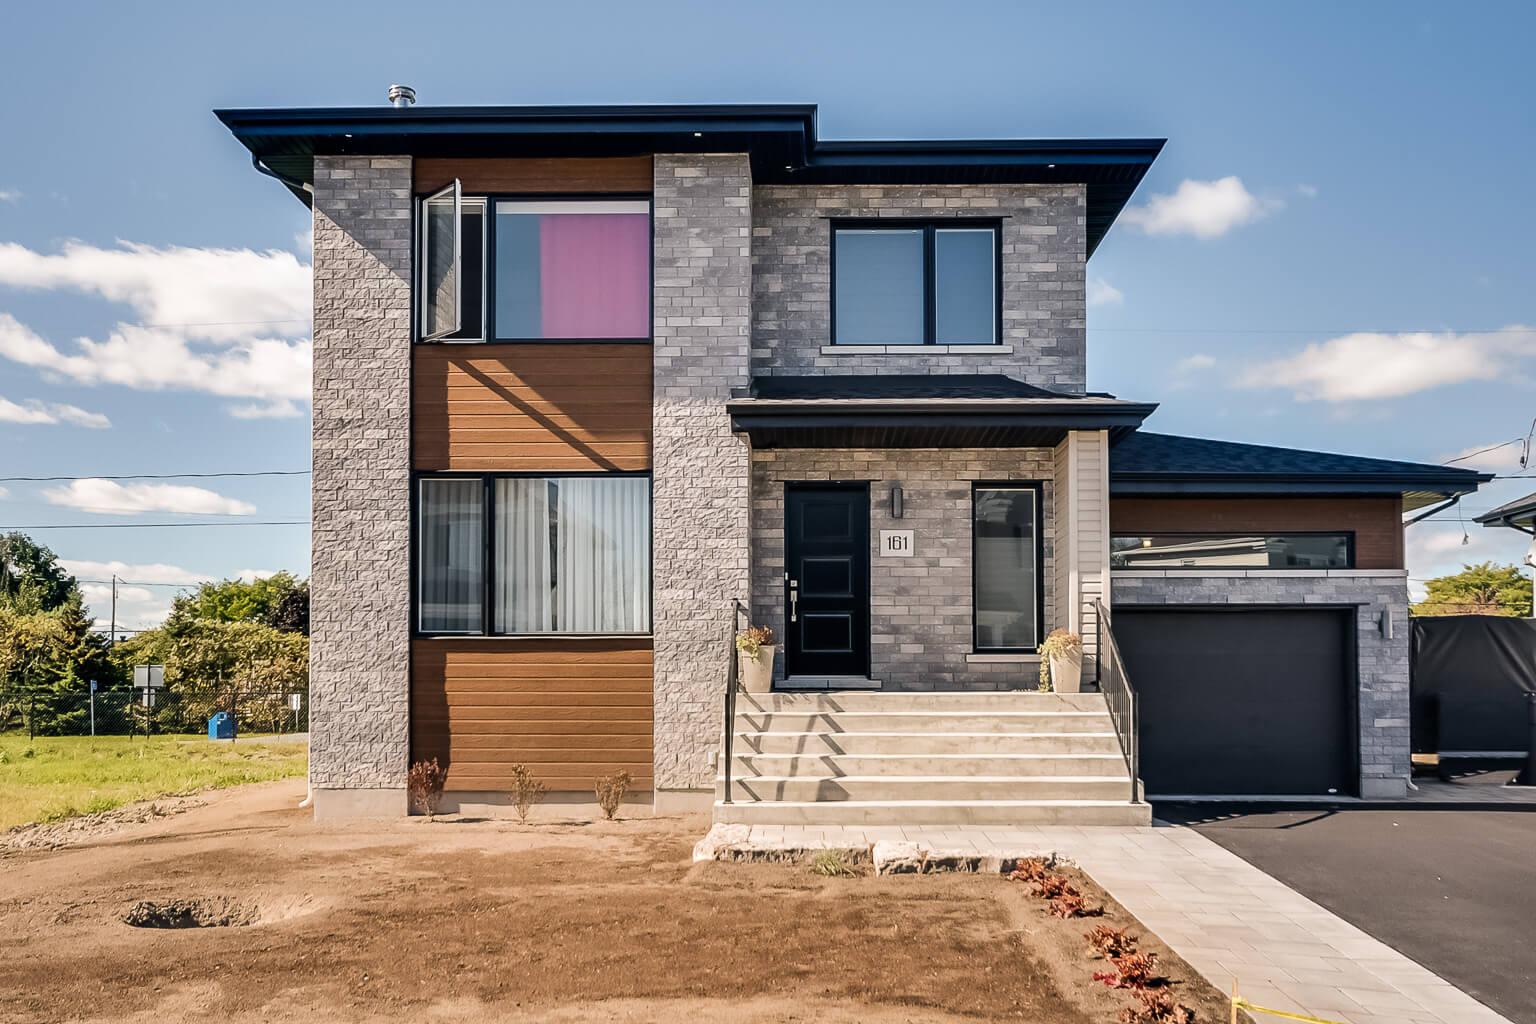 maisons unifamiliales vendre habitations pilon varennes. Black Bedroom Furniture Sets. Home Design Ideas